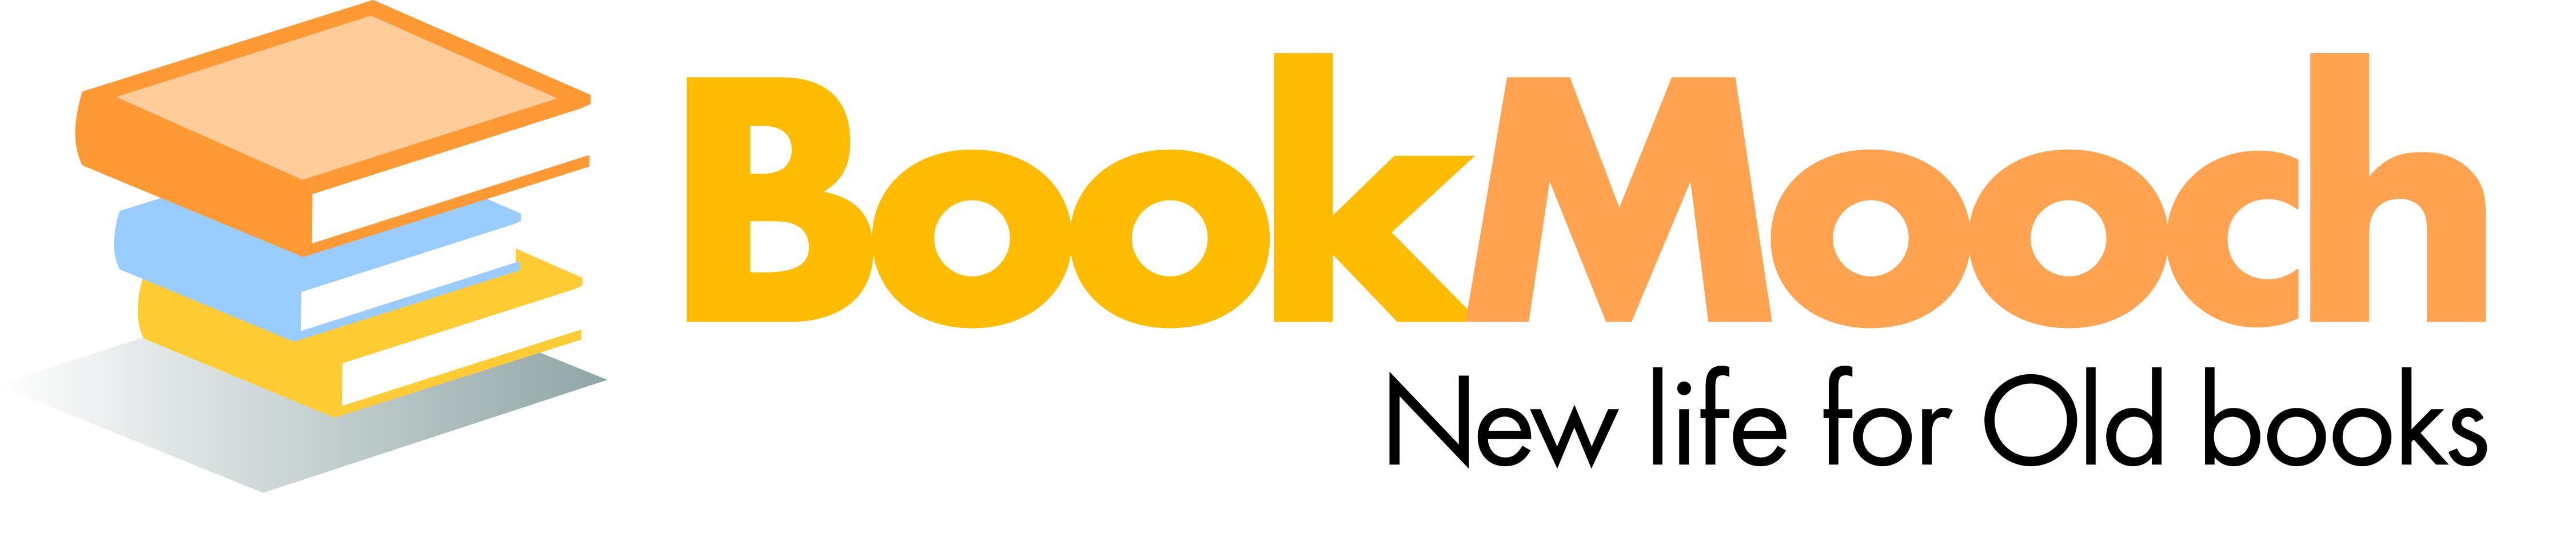 Logo artwork courtesy of BookMooch.com